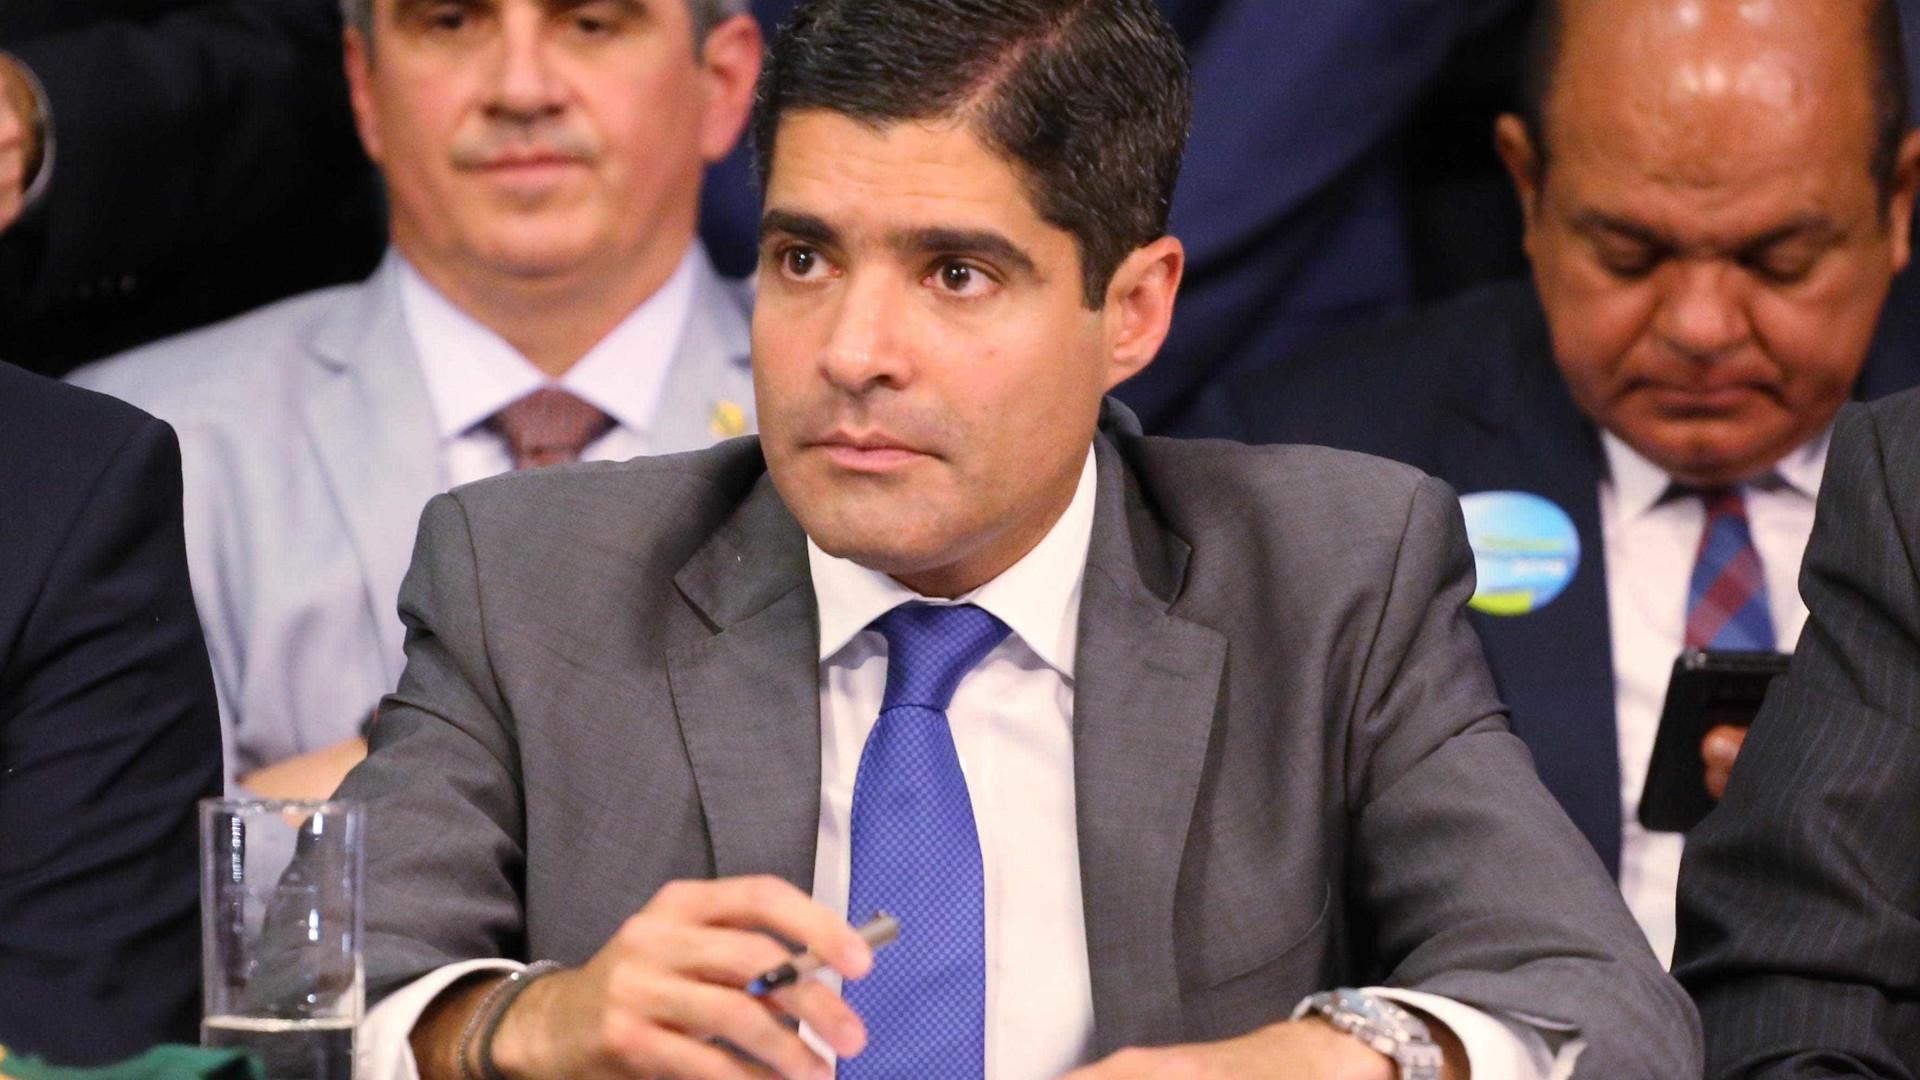 Em reunião com Bolsonaro, DEM pavimenta apoio formal a governo